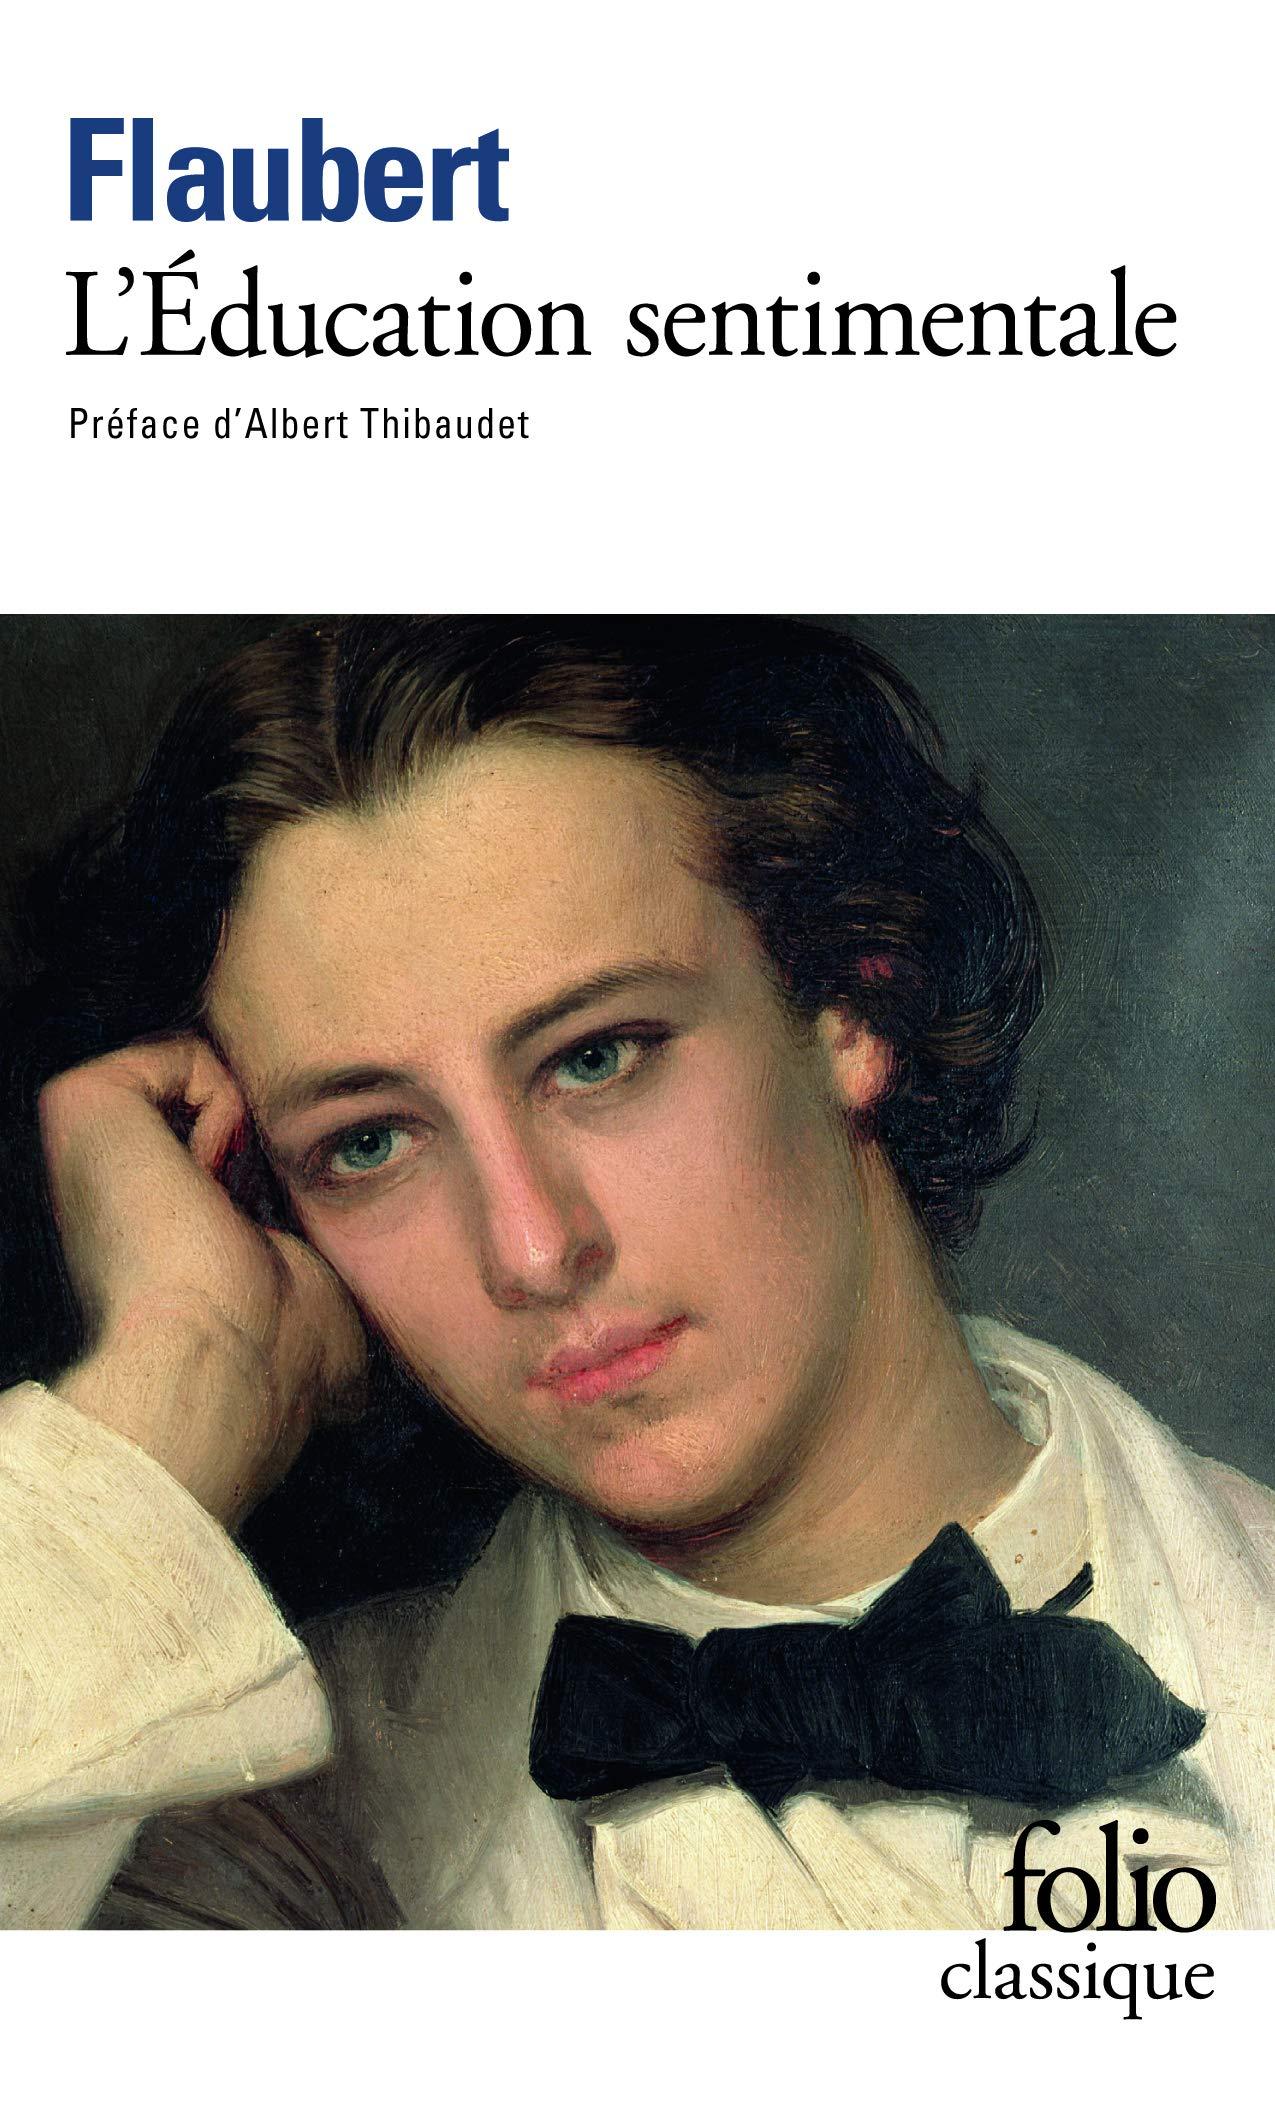 L'éducation sentimentale - Extrait du chapitre 1 de la première partie - Flaubert